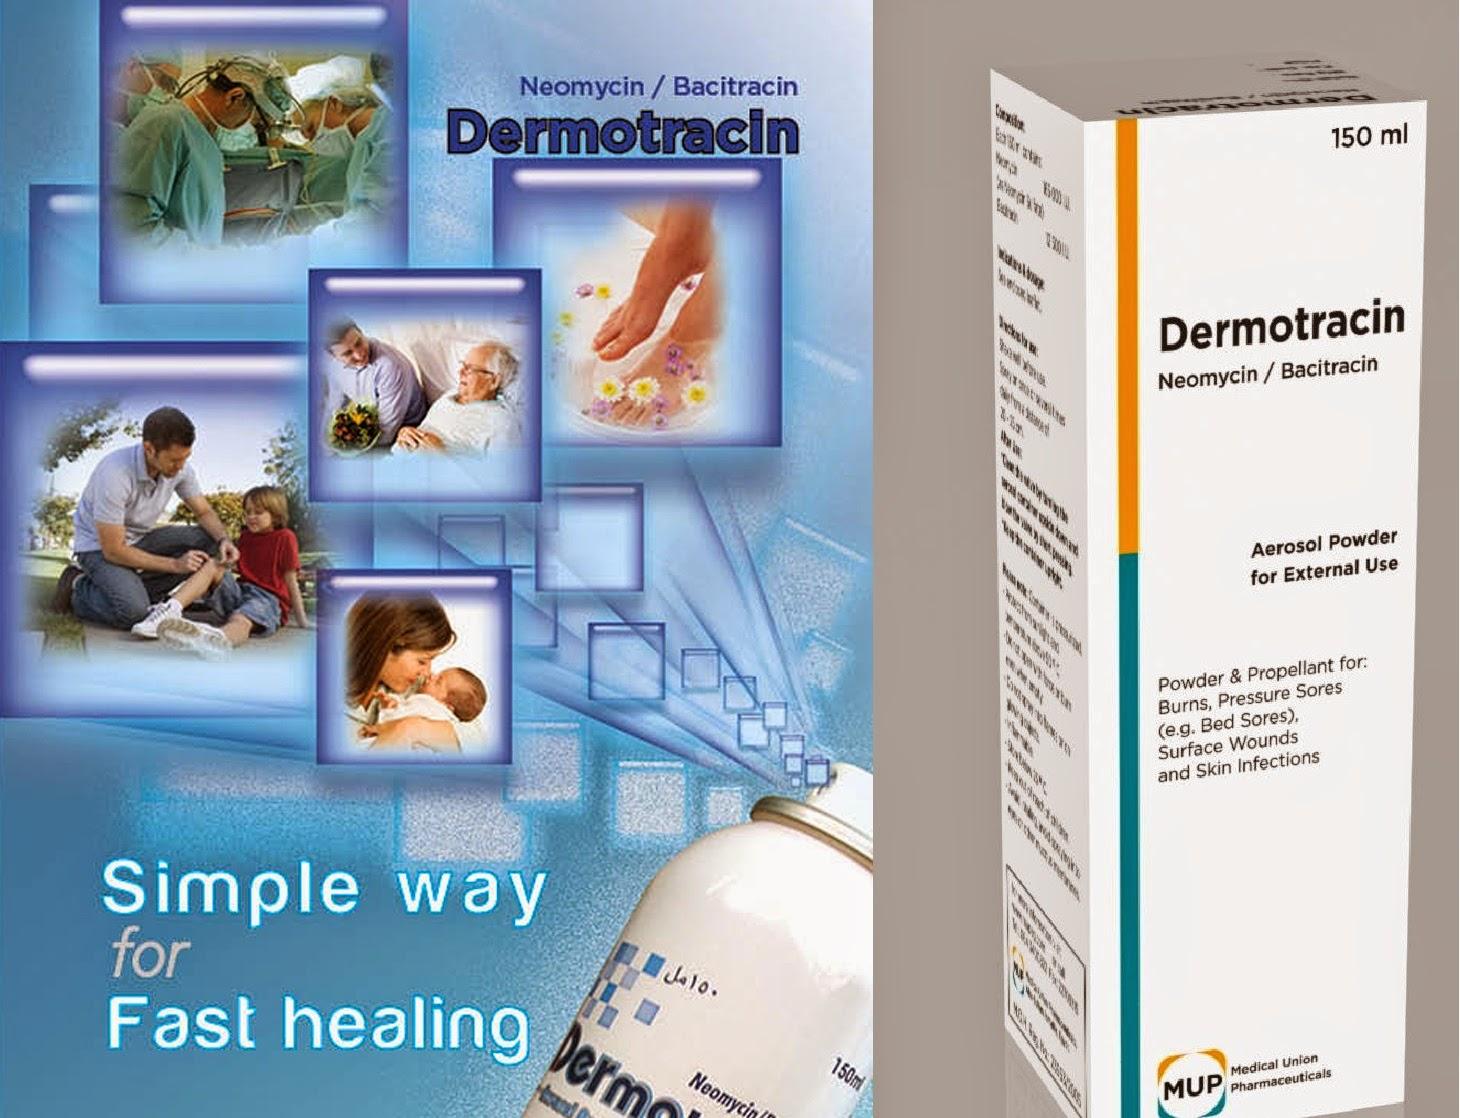 ديرموتراسين,نيومايسين,باسيتراسين,dermotracin,neomycin,bacitracin